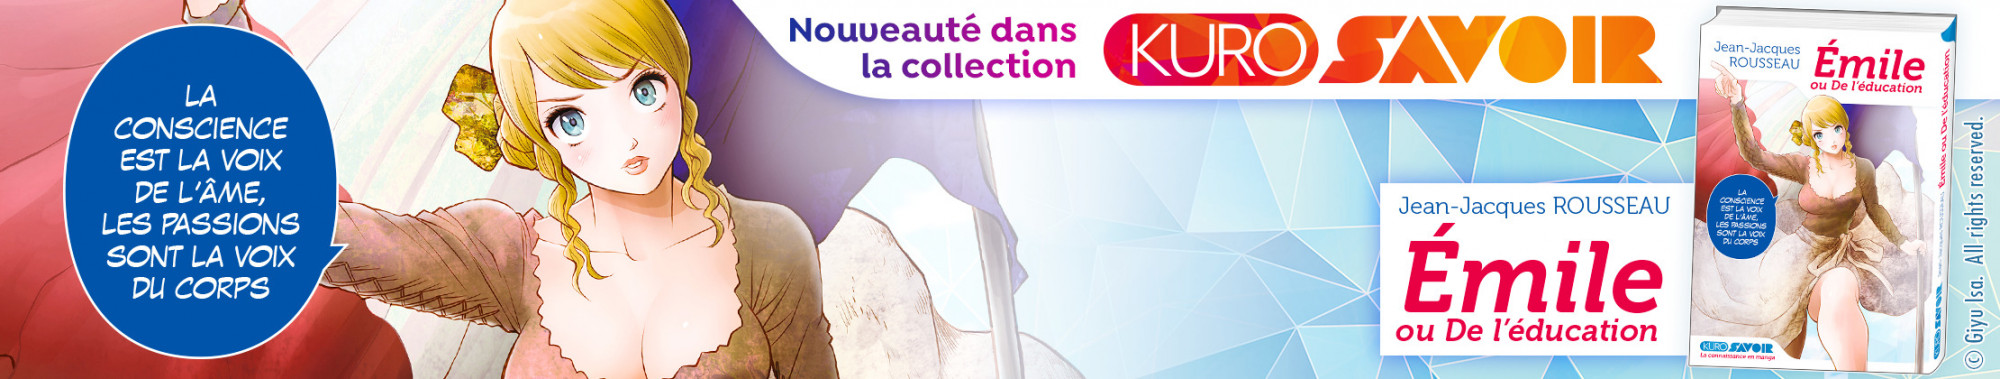 Bannière - KUROKAWA - Emile ou De l'éducation Jean-Jacques ROUSSEAU